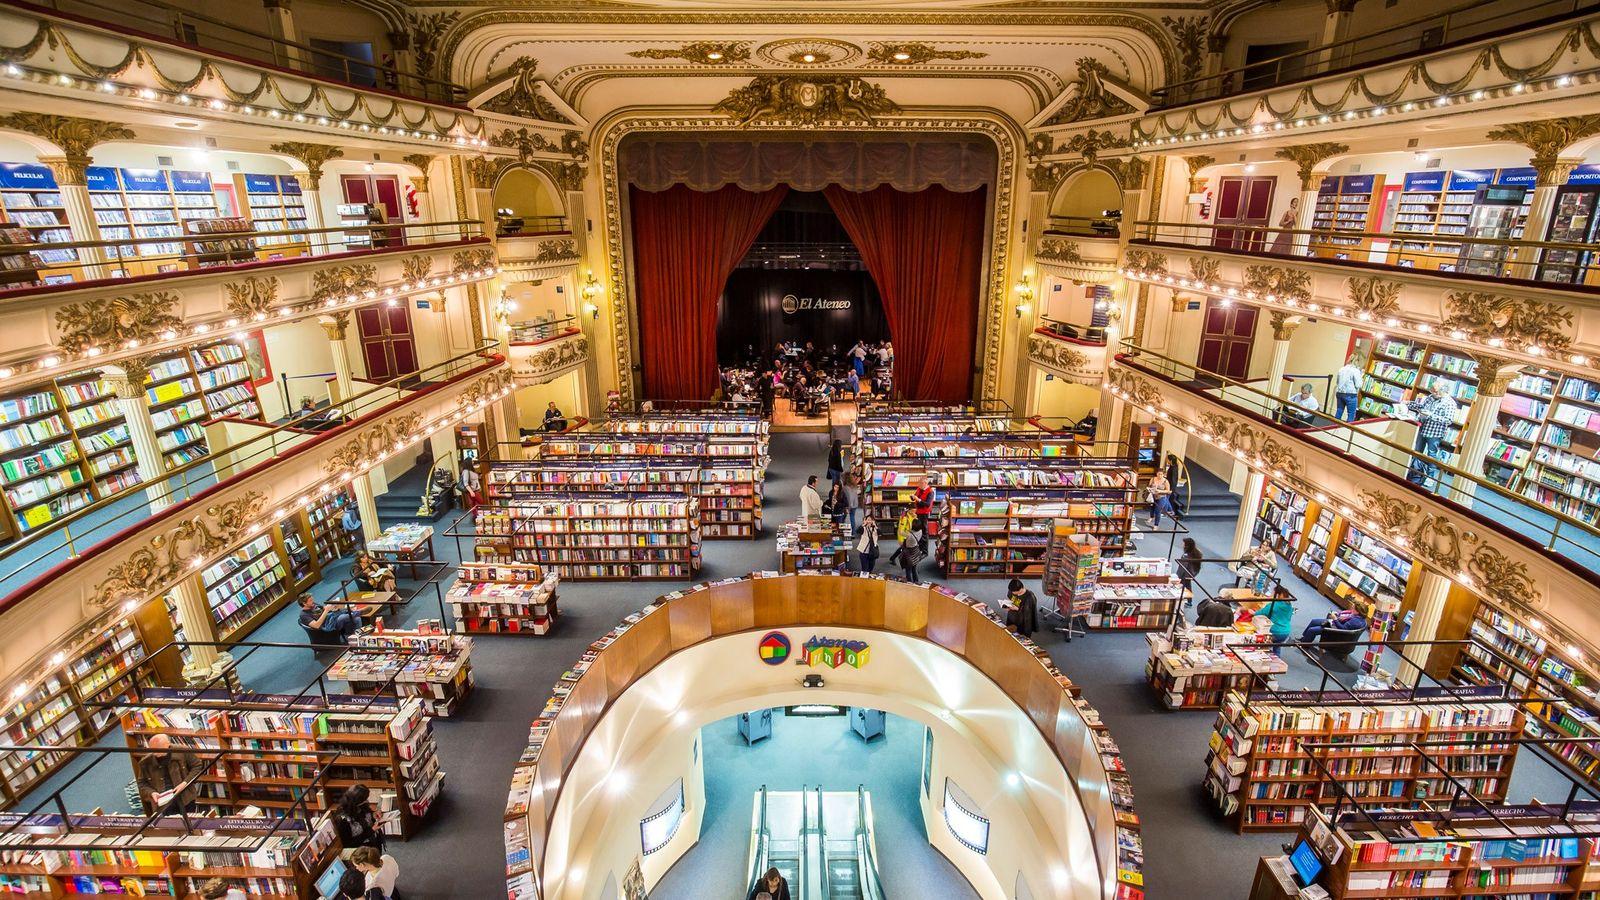 La histórica librería Ateneo Grand Splendid se ubica en el barrio de Recoleta de Buenos Aires, ...